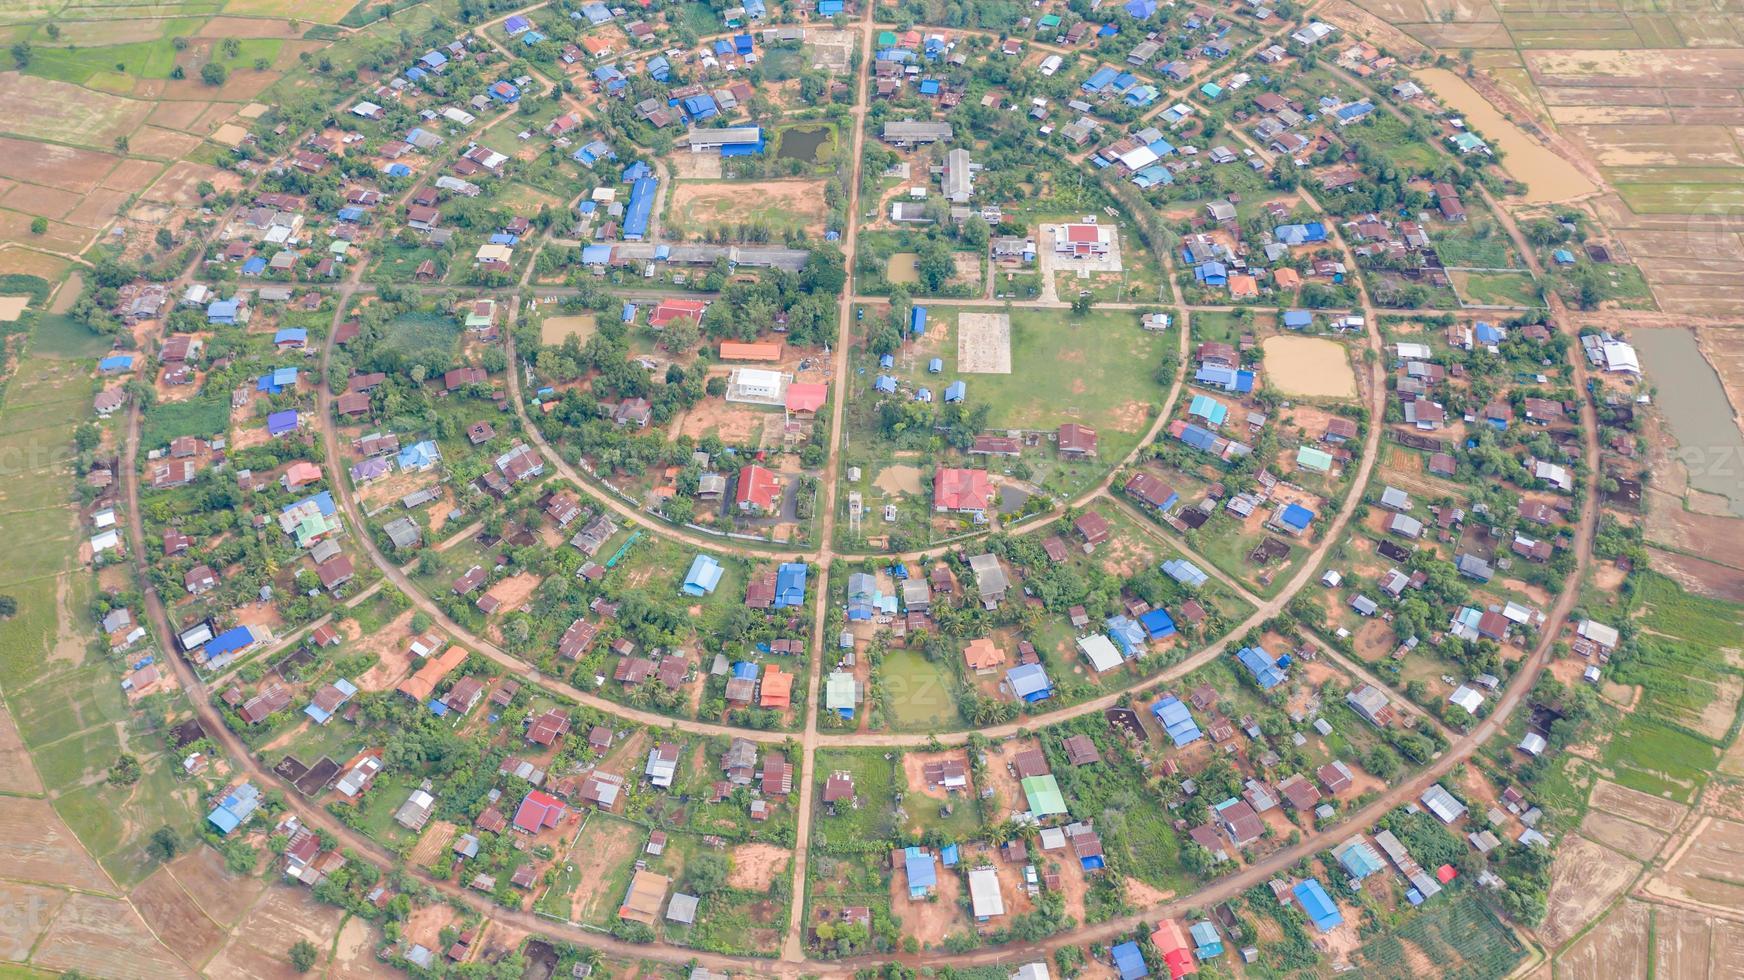 vista aérea de uma vila foto